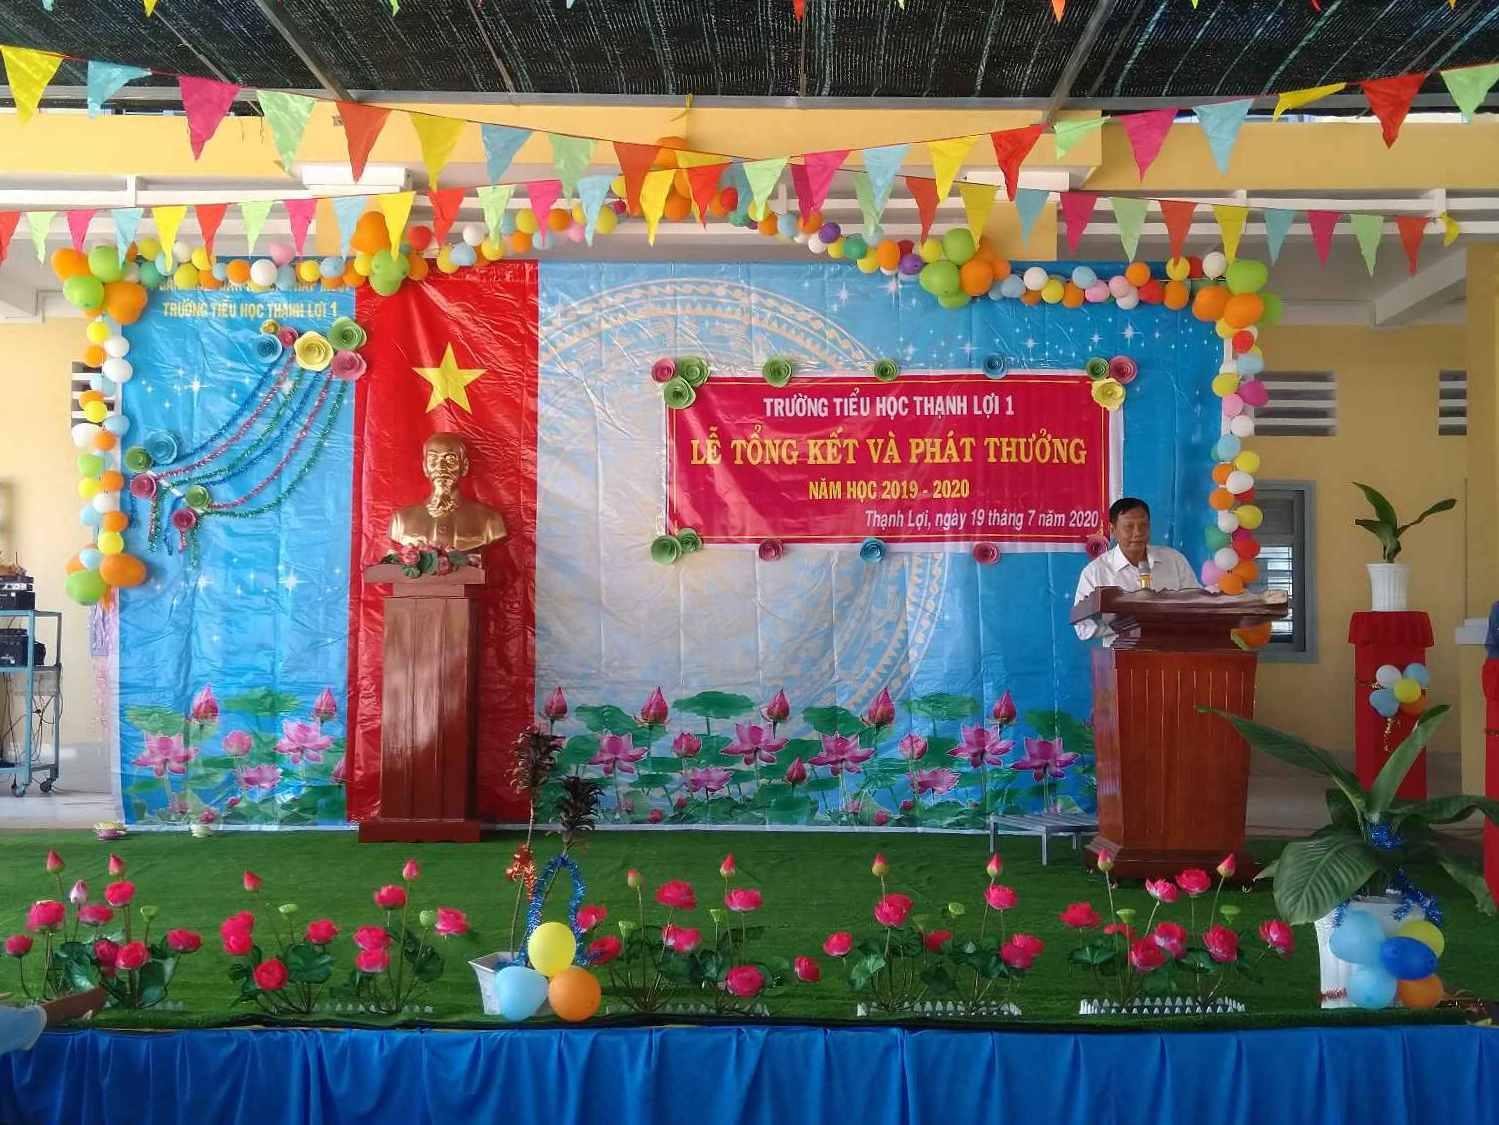 Ông Trần Văn Cưng -phó chủa tịch xã Thạnh Lợi, phát biểu trong buổi tổng kết năm học 2019-2020.